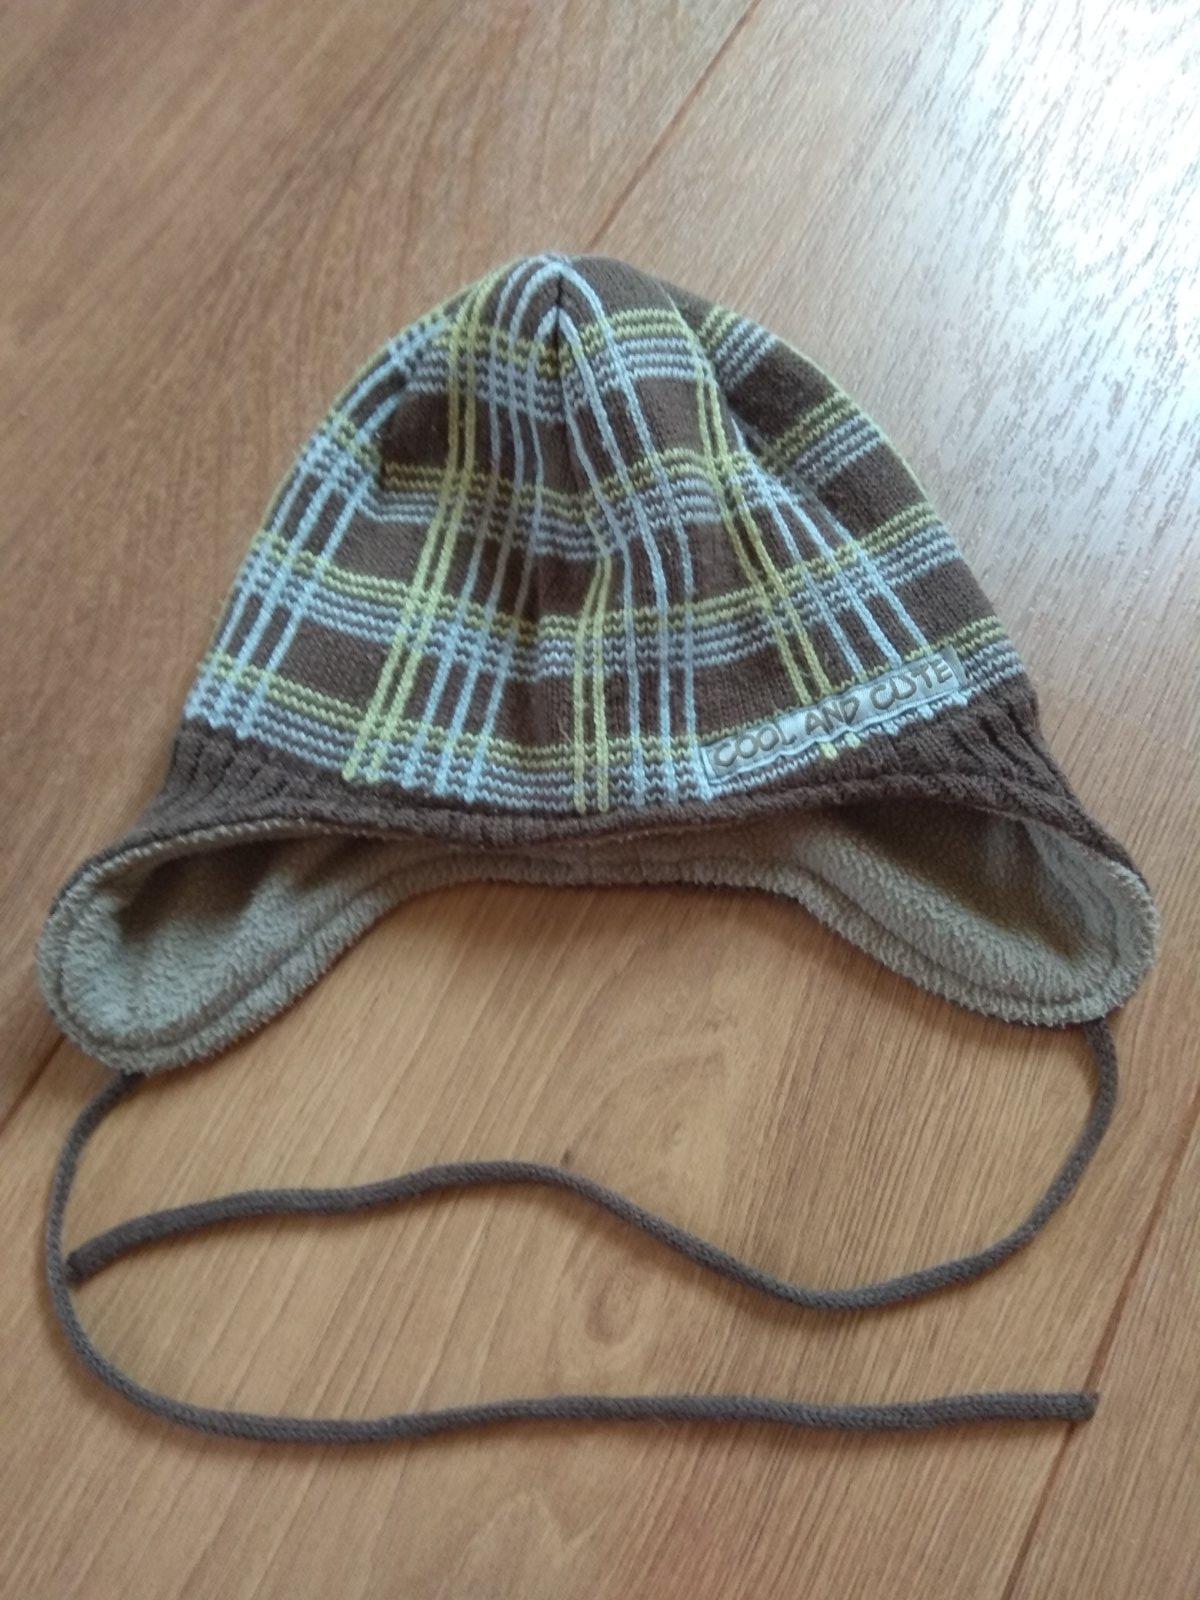 Hruba karovana ciapka 92 - Obrázok č. 1